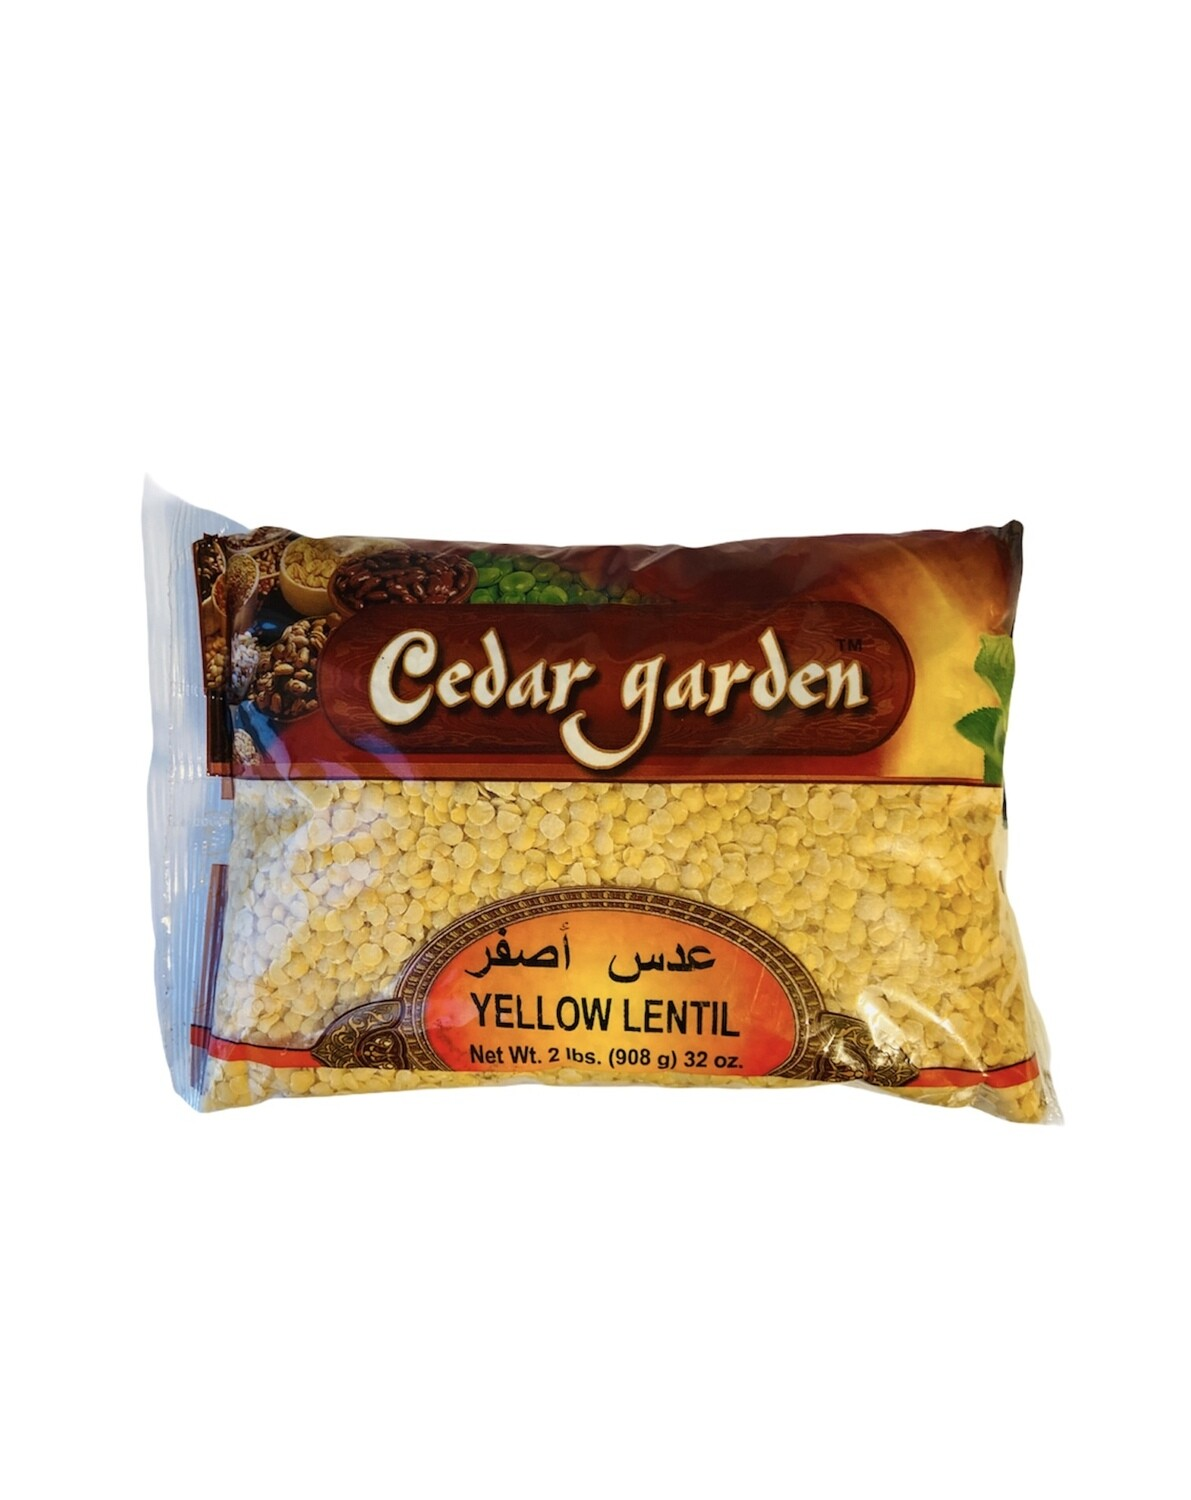 Cedar Garden Yellow Lentils 12x2lb